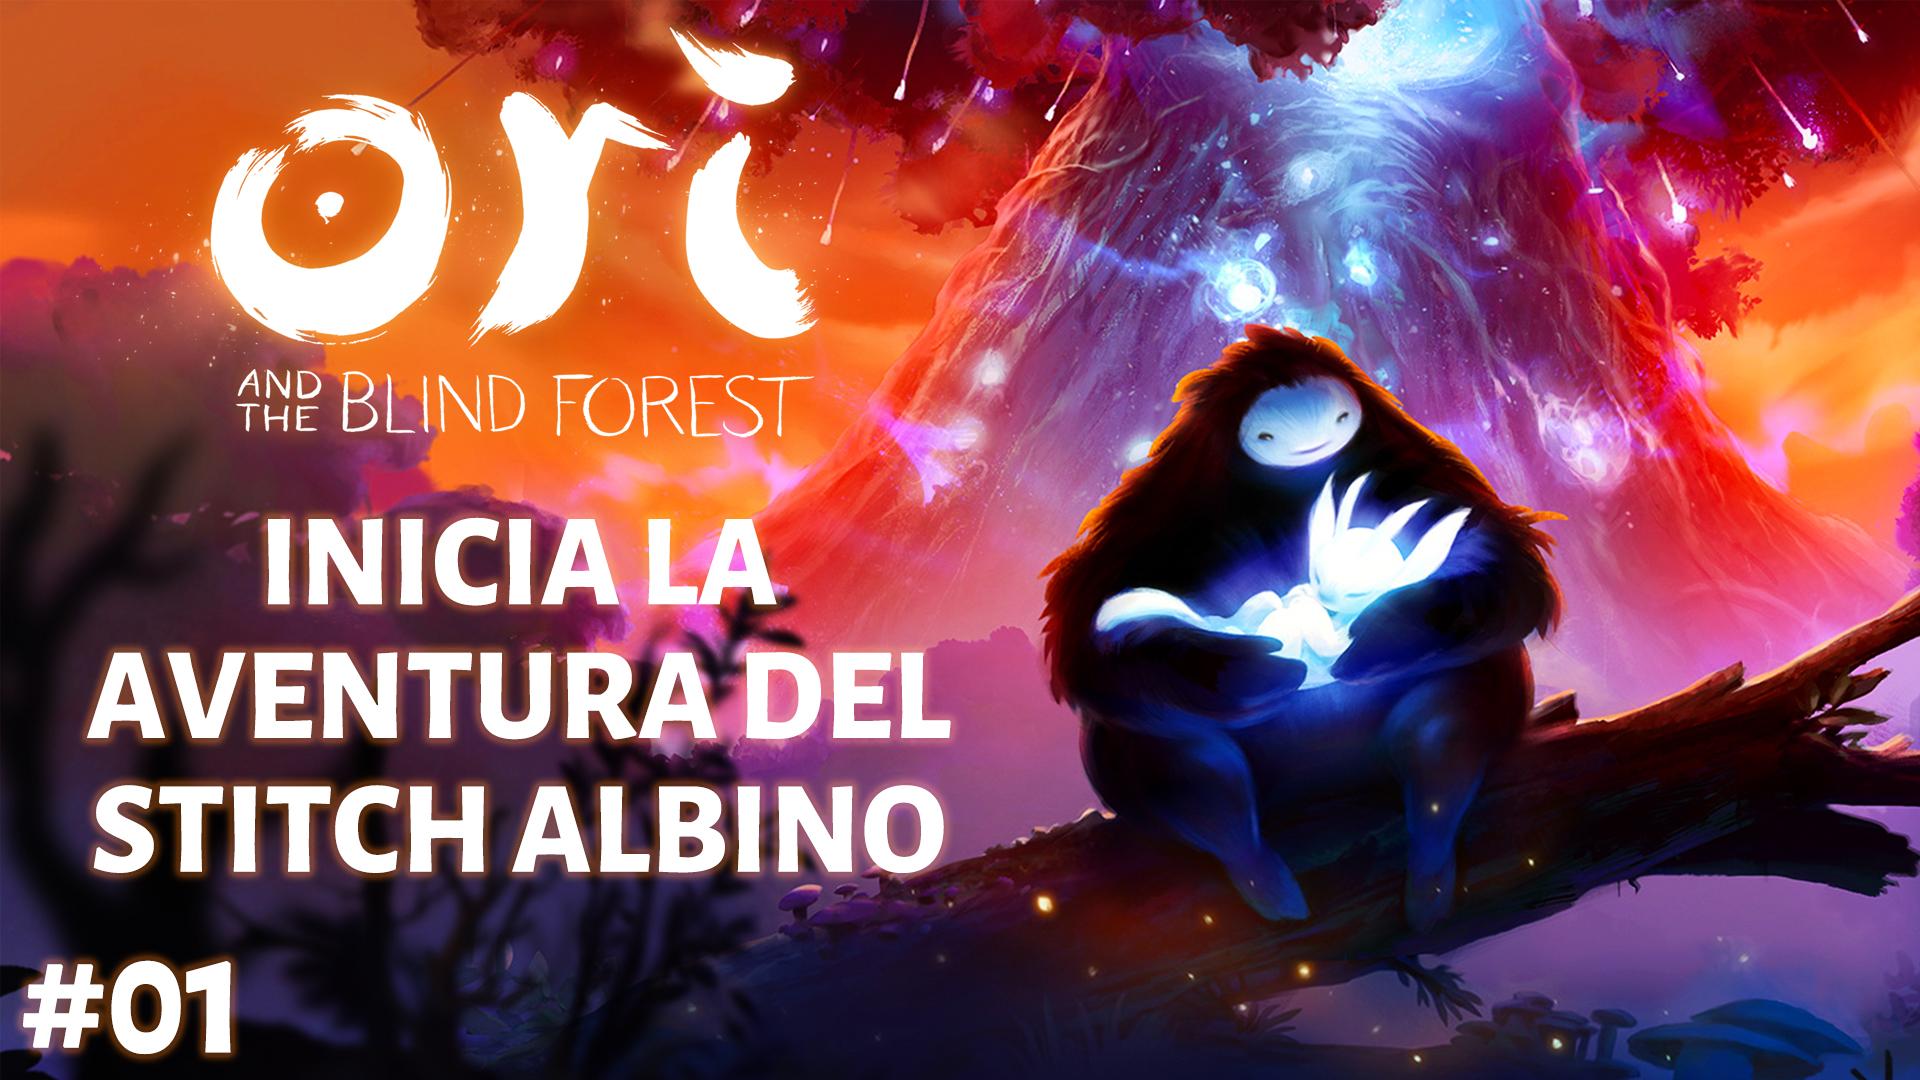 Serie Ori and The Blind Forest #01 – Inicia la Aventura del Stitch Albino